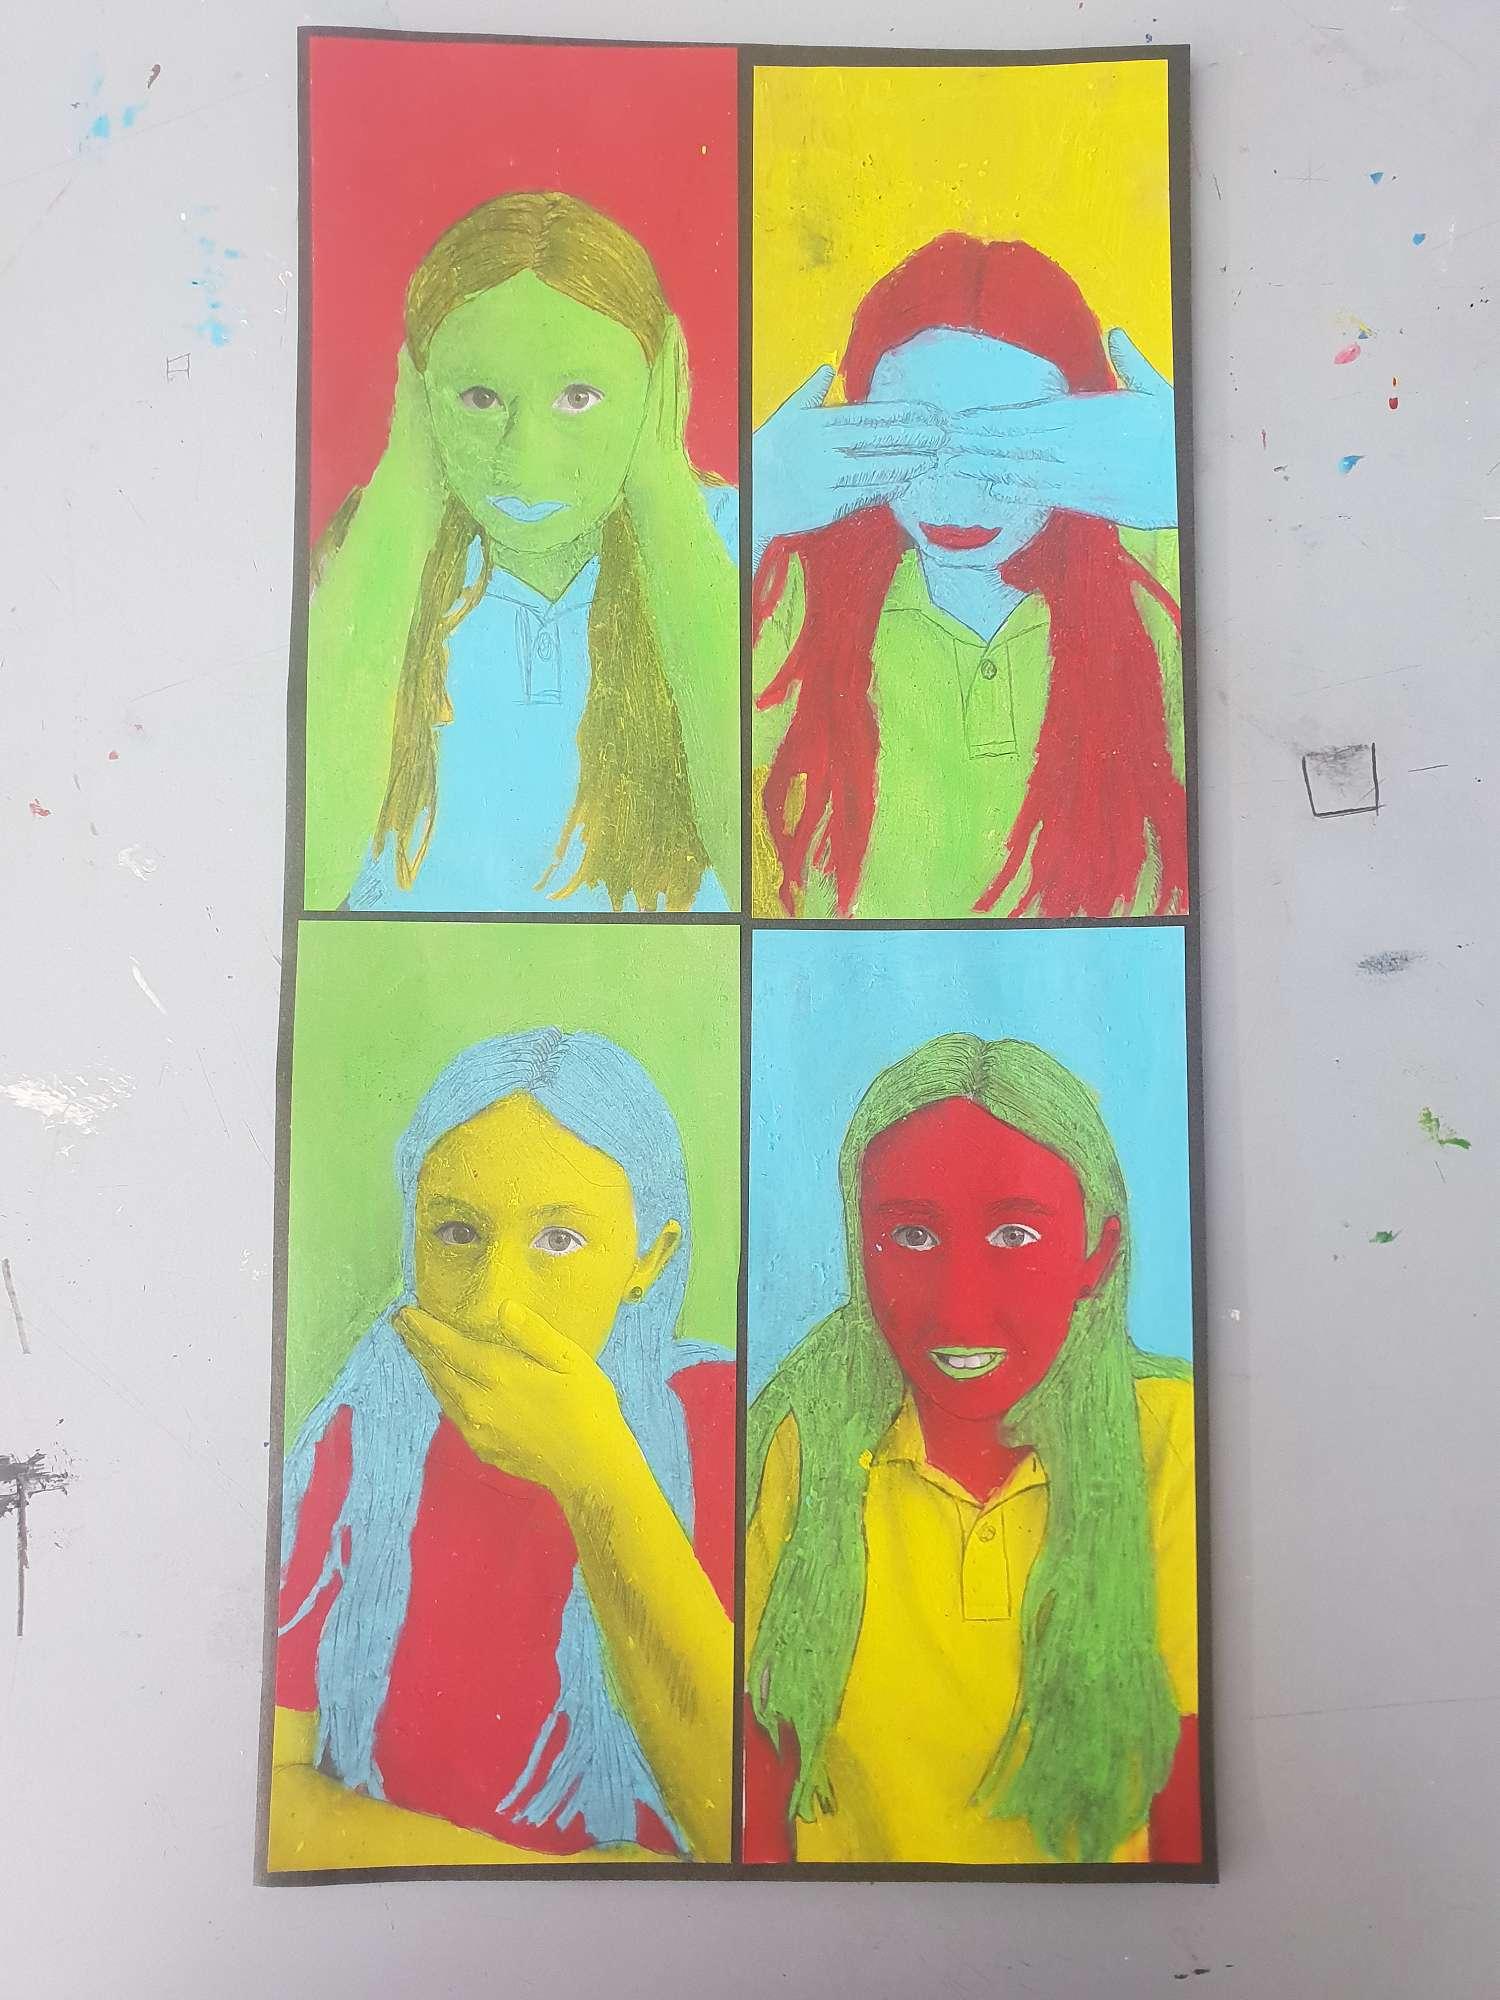 Middle school pop art